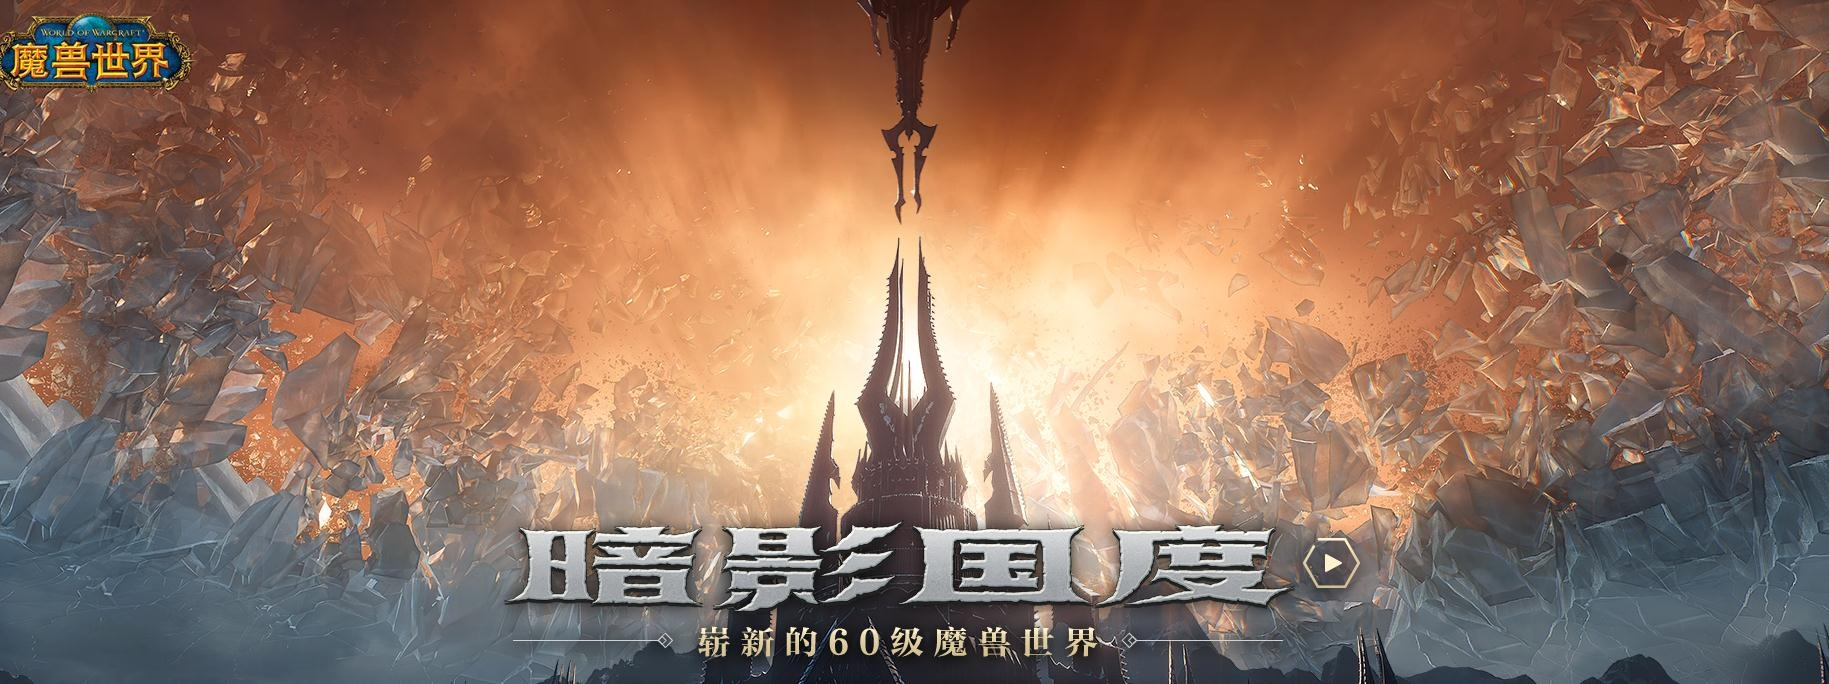 魔兽世界2020感恩节活动介绍